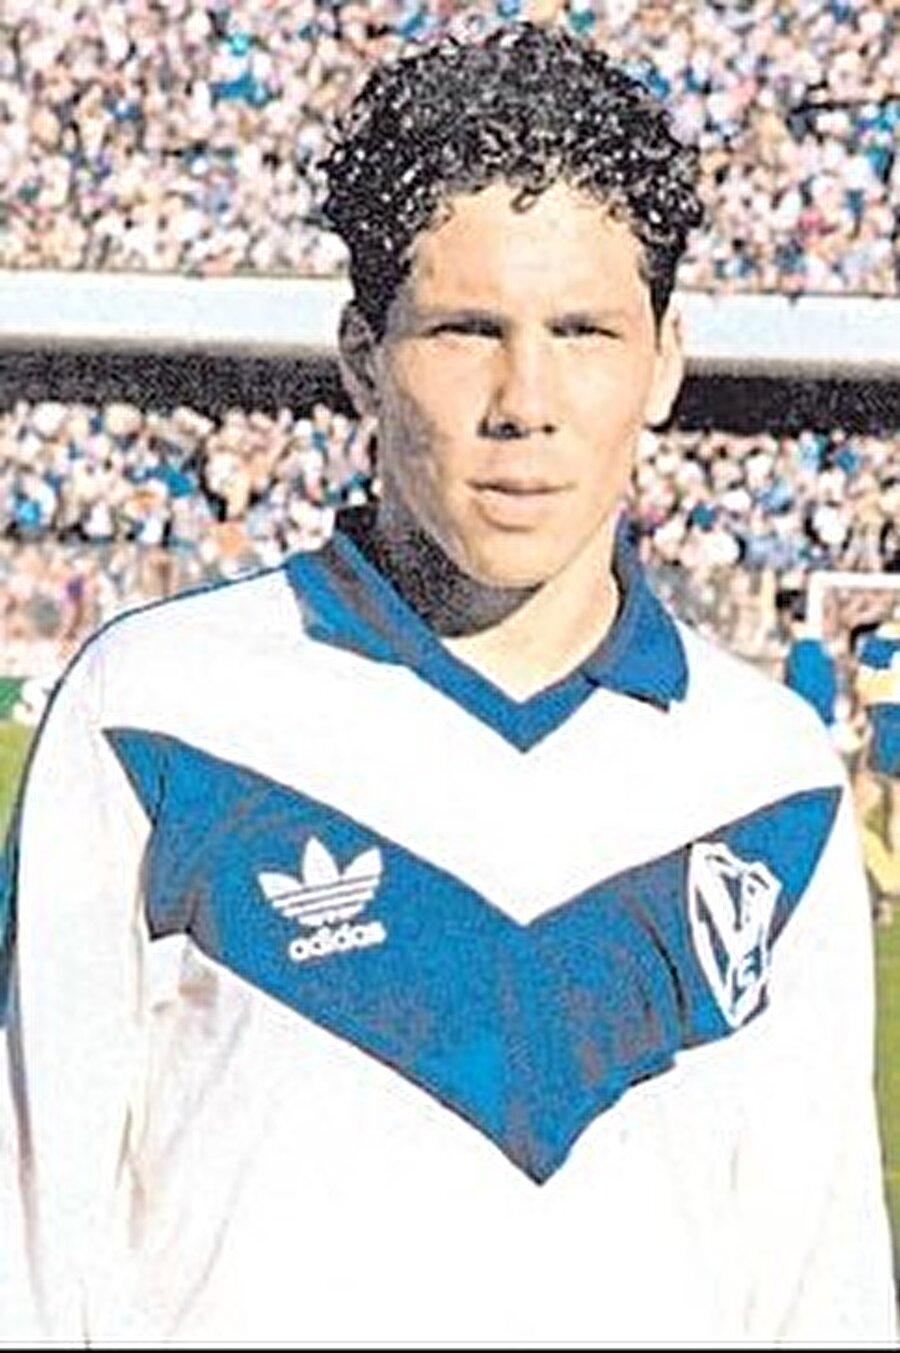 Tam adı Diego Pablo Simeone olan futbol adamı 28 Nisan 1970'te Arjantin'in başkenti Buenos Aires'te dünyaya geldi. Güney Amerikalıların futbola karşı yetenekleri bilinen bir gerçek. Hal böyle olunca da Diego Simeone küçük yaşta meşin yuvarlağın peşinde koşmaya başladı. Simeone, 1987 yılında Vélez Sársfield takımında profesyonelliğe adım attı. Burada üç sezon forma giyen Simeone, 76 maça çıkıp 14 gol attı.